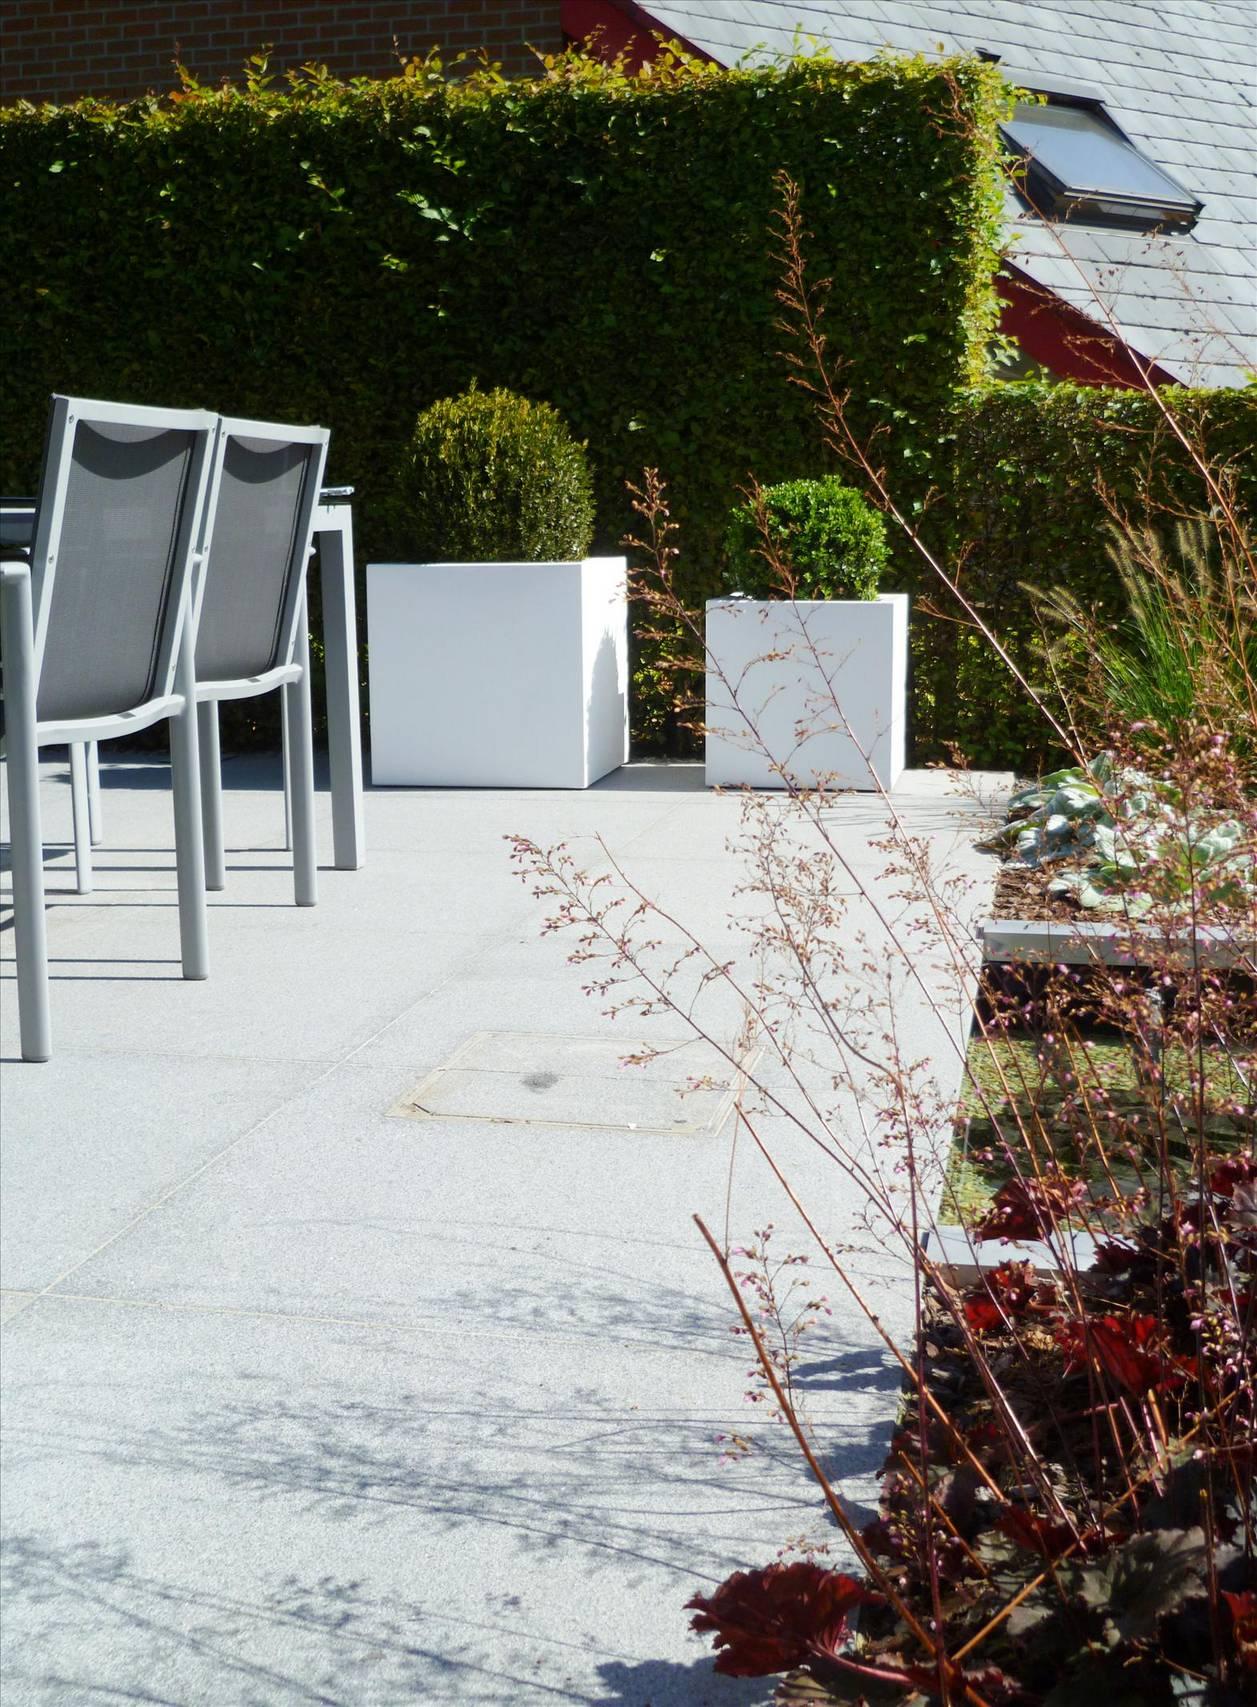 Eco tuinarchitectengroep projecten voortuin met schanskorven - Overdekt terras voor restaurant ...